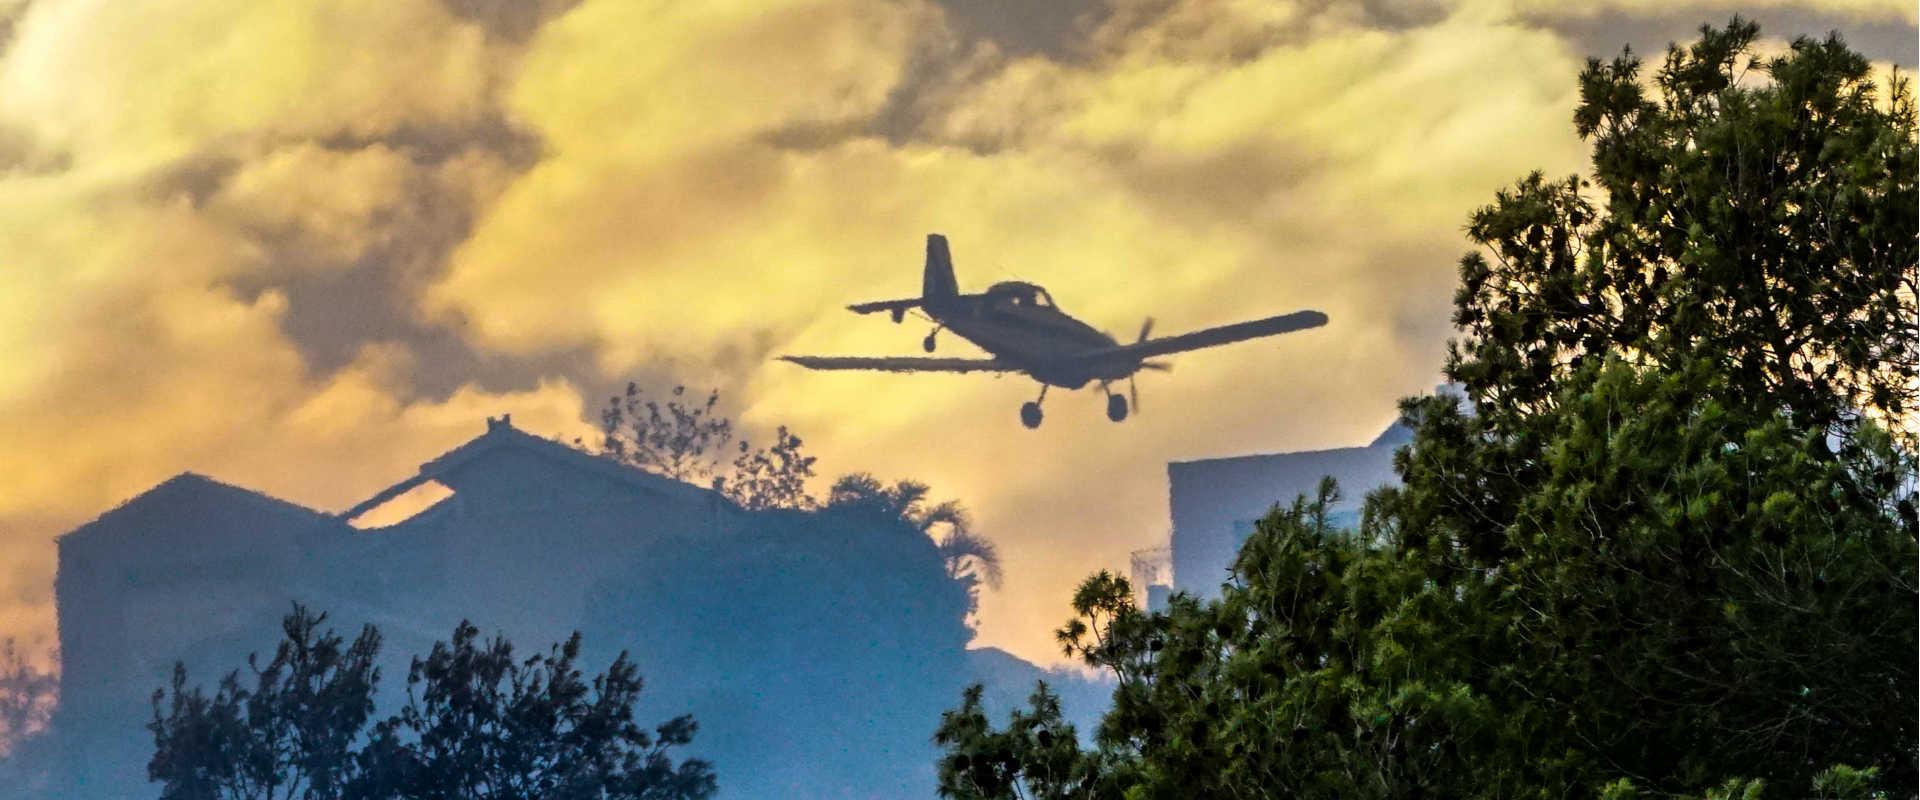 מטוס מכבה שריפה בזכרון יעקב